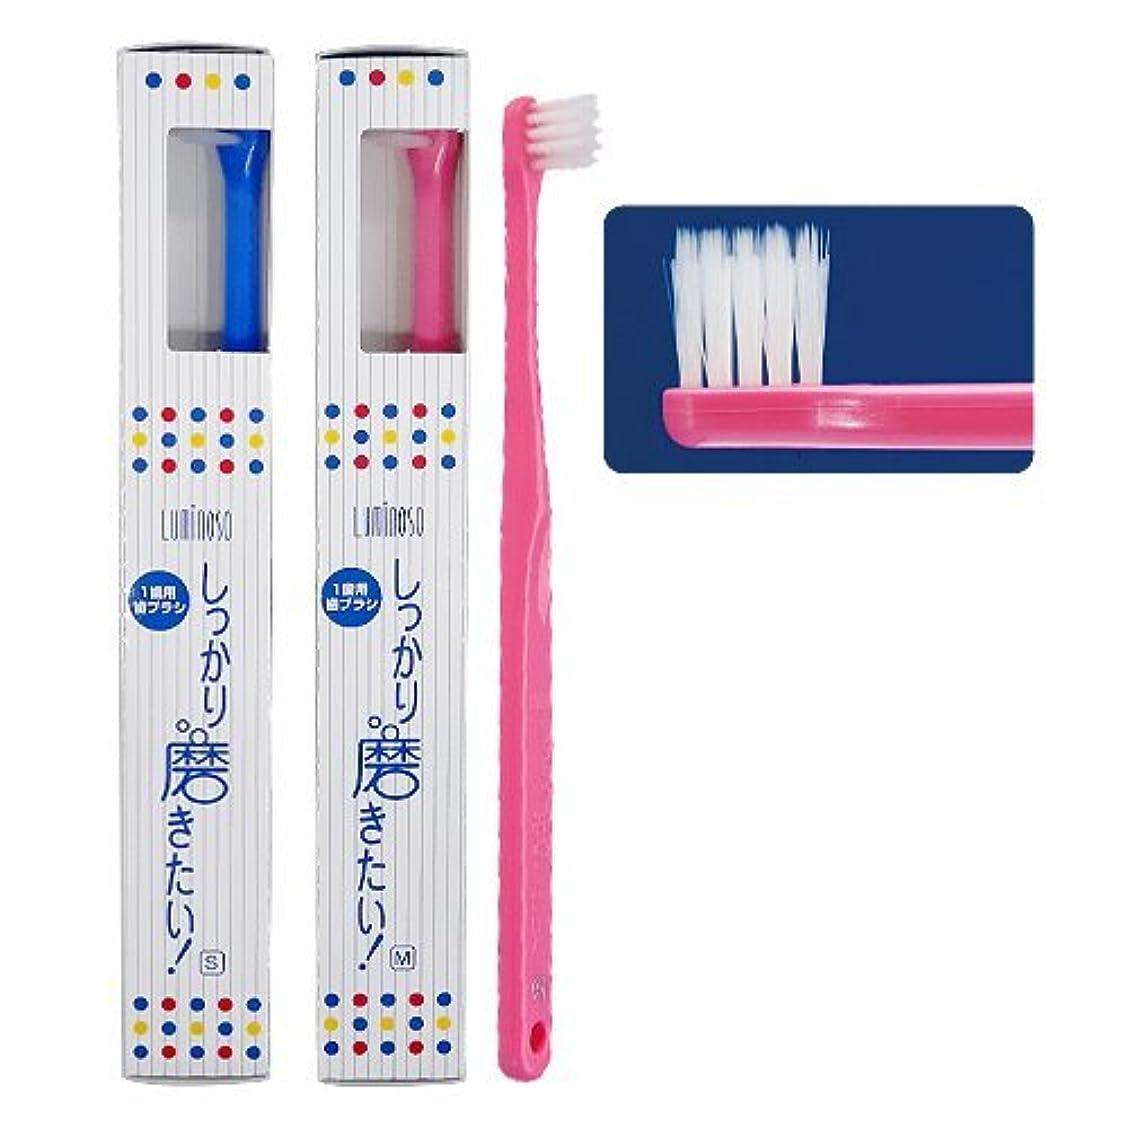 やりすぎクラッシュペレグリネーションルミノソ 1歯用歯ブラシ「しっかり磨きたい!」スタンダード ミディアム (カラー指定不可) 3本